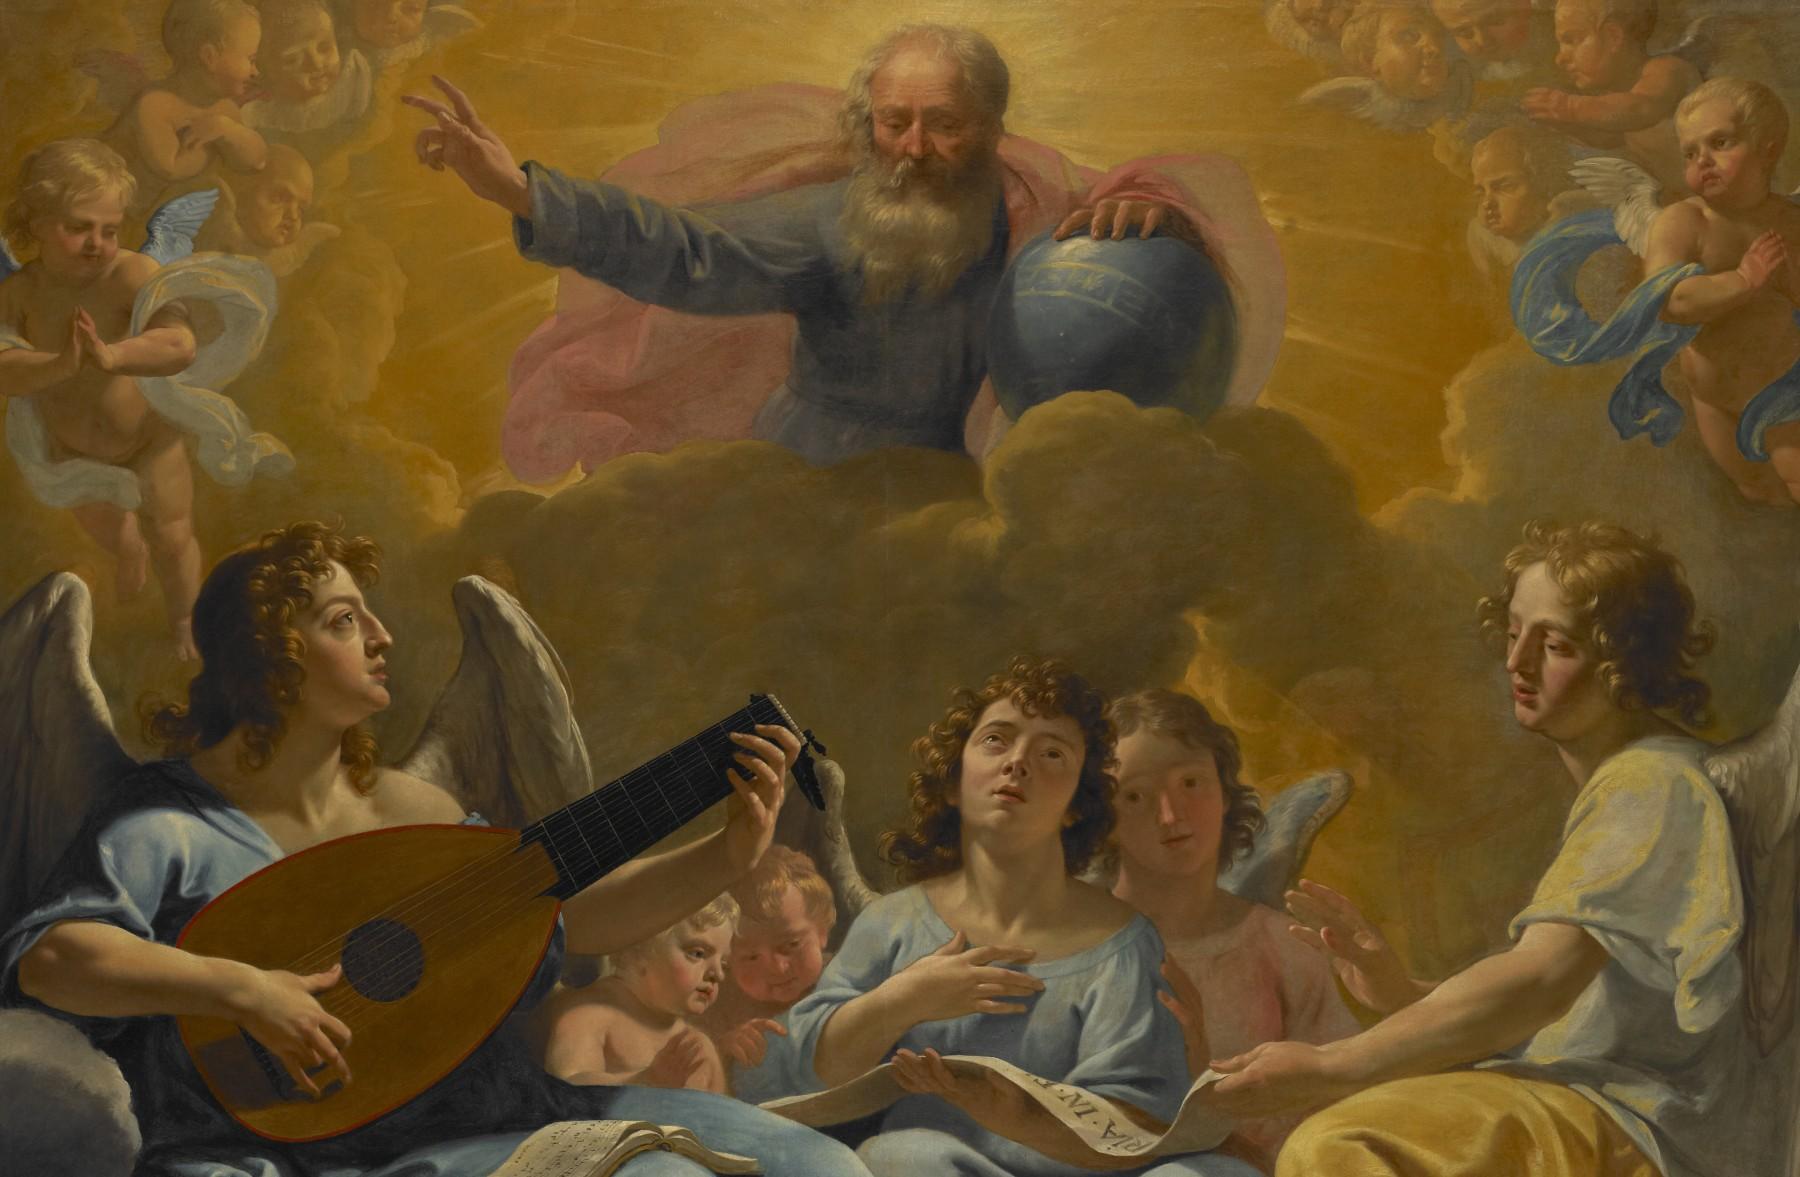 Dieu le père créant l'univers matériel de Ph. De Champaigne © C. Lancien, C. Loisel /Réunion des Musées Métropolitains Rouen Normandie